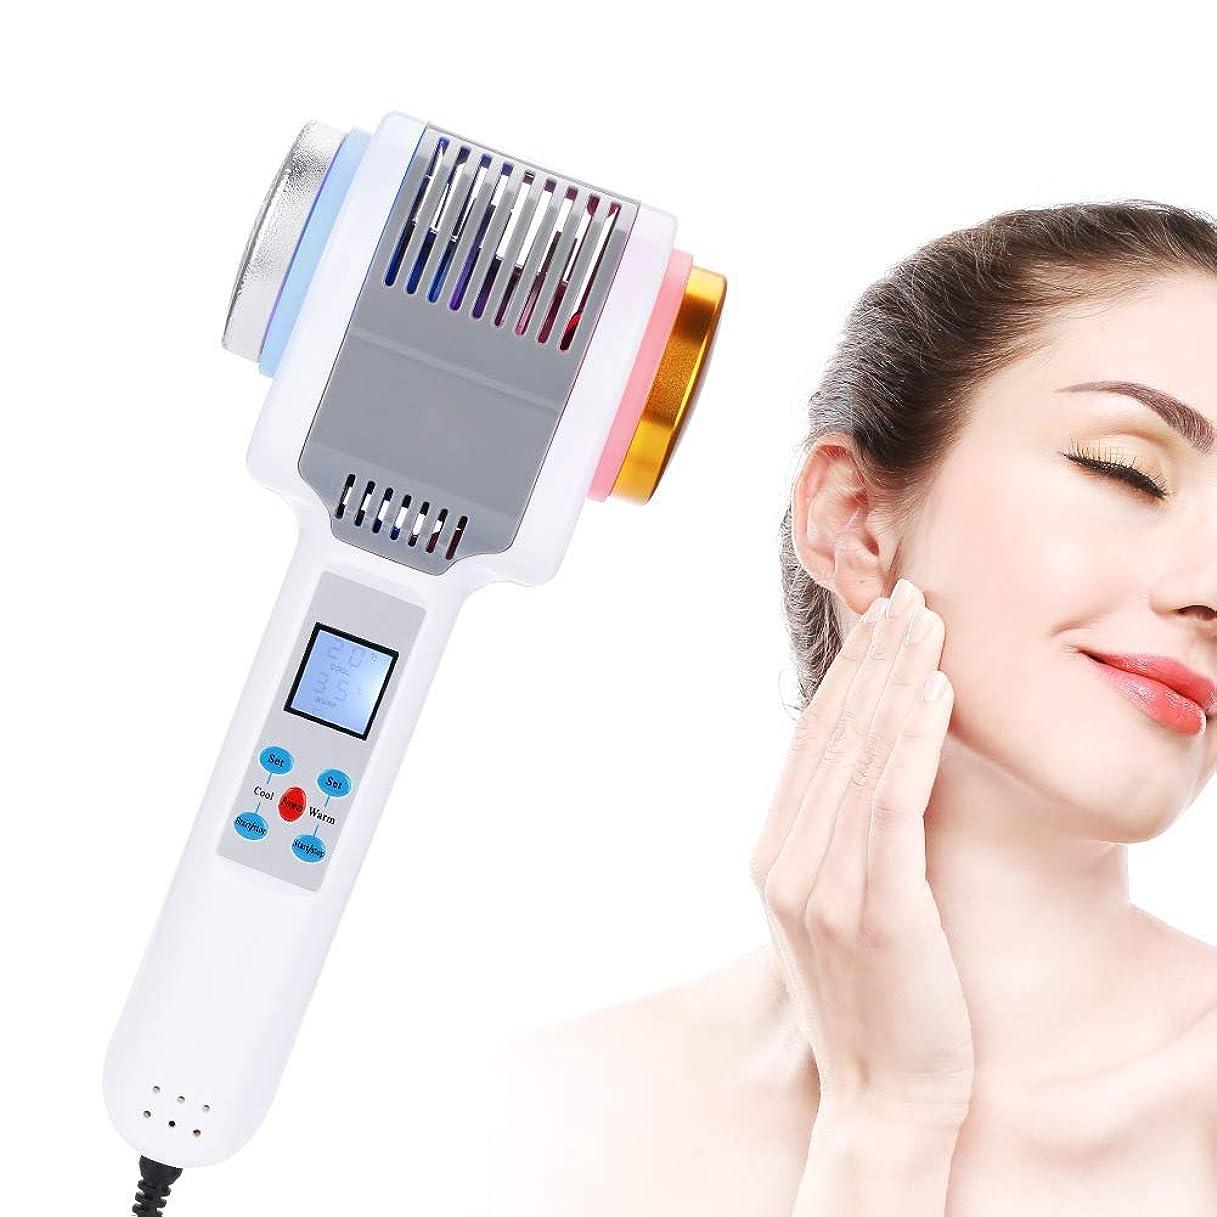 キャラクター証人利点光子療法機ホット&コールドハンマーアイスファイアダブルヘッド振動マッサージ美容機器削除しわ明るい顔の引き締め美容若返りツール